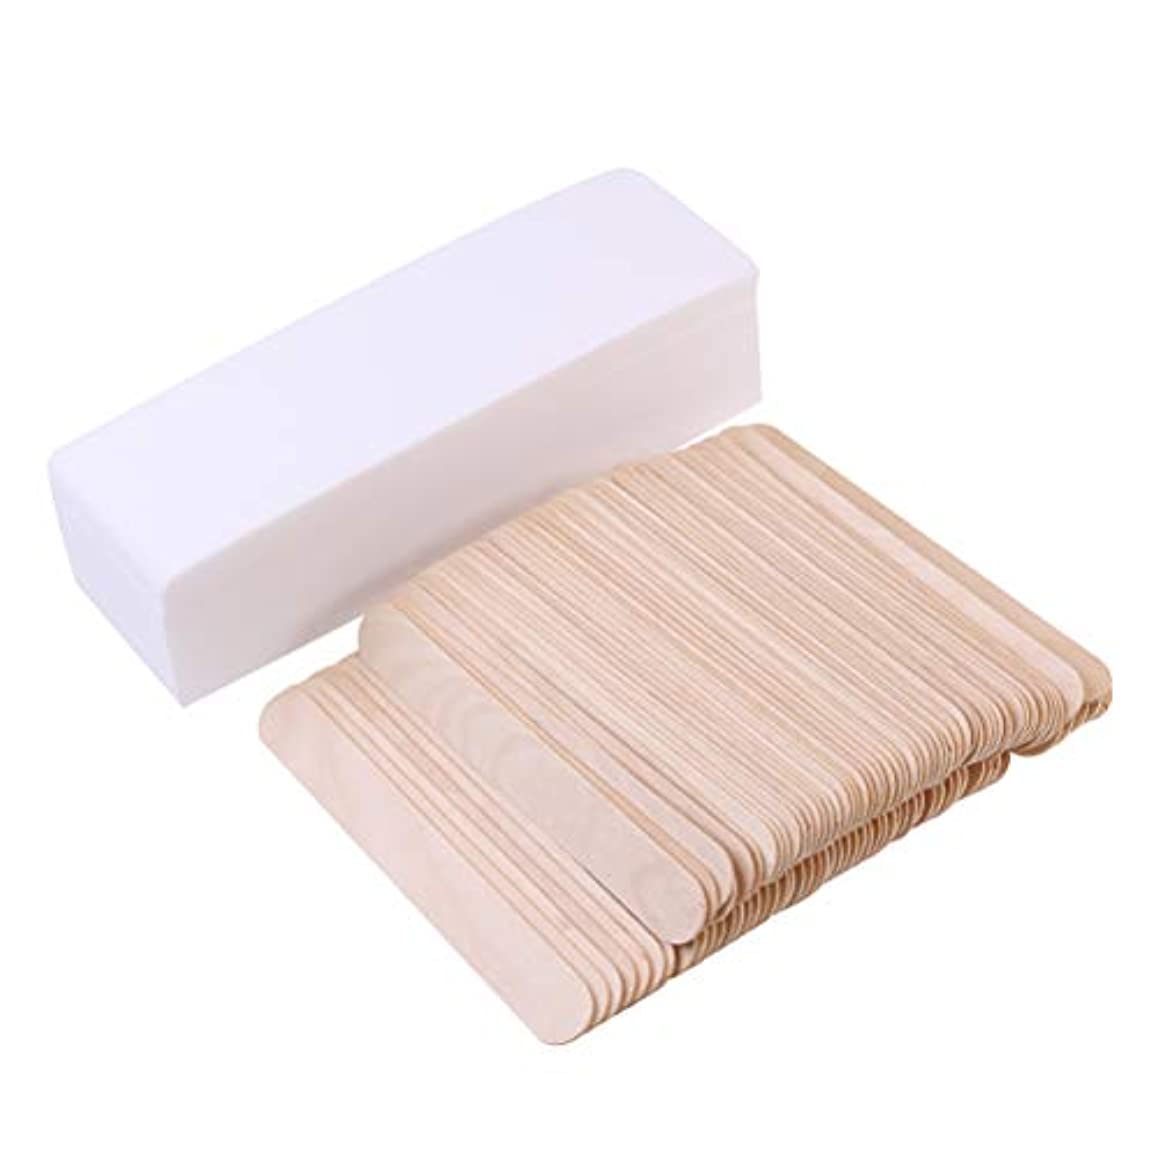 牧師行方不明協力的Healifty 100ピース使い捨て脱毛ストリップ紙ボディワックスクリーンペーパーで100ワックススティック